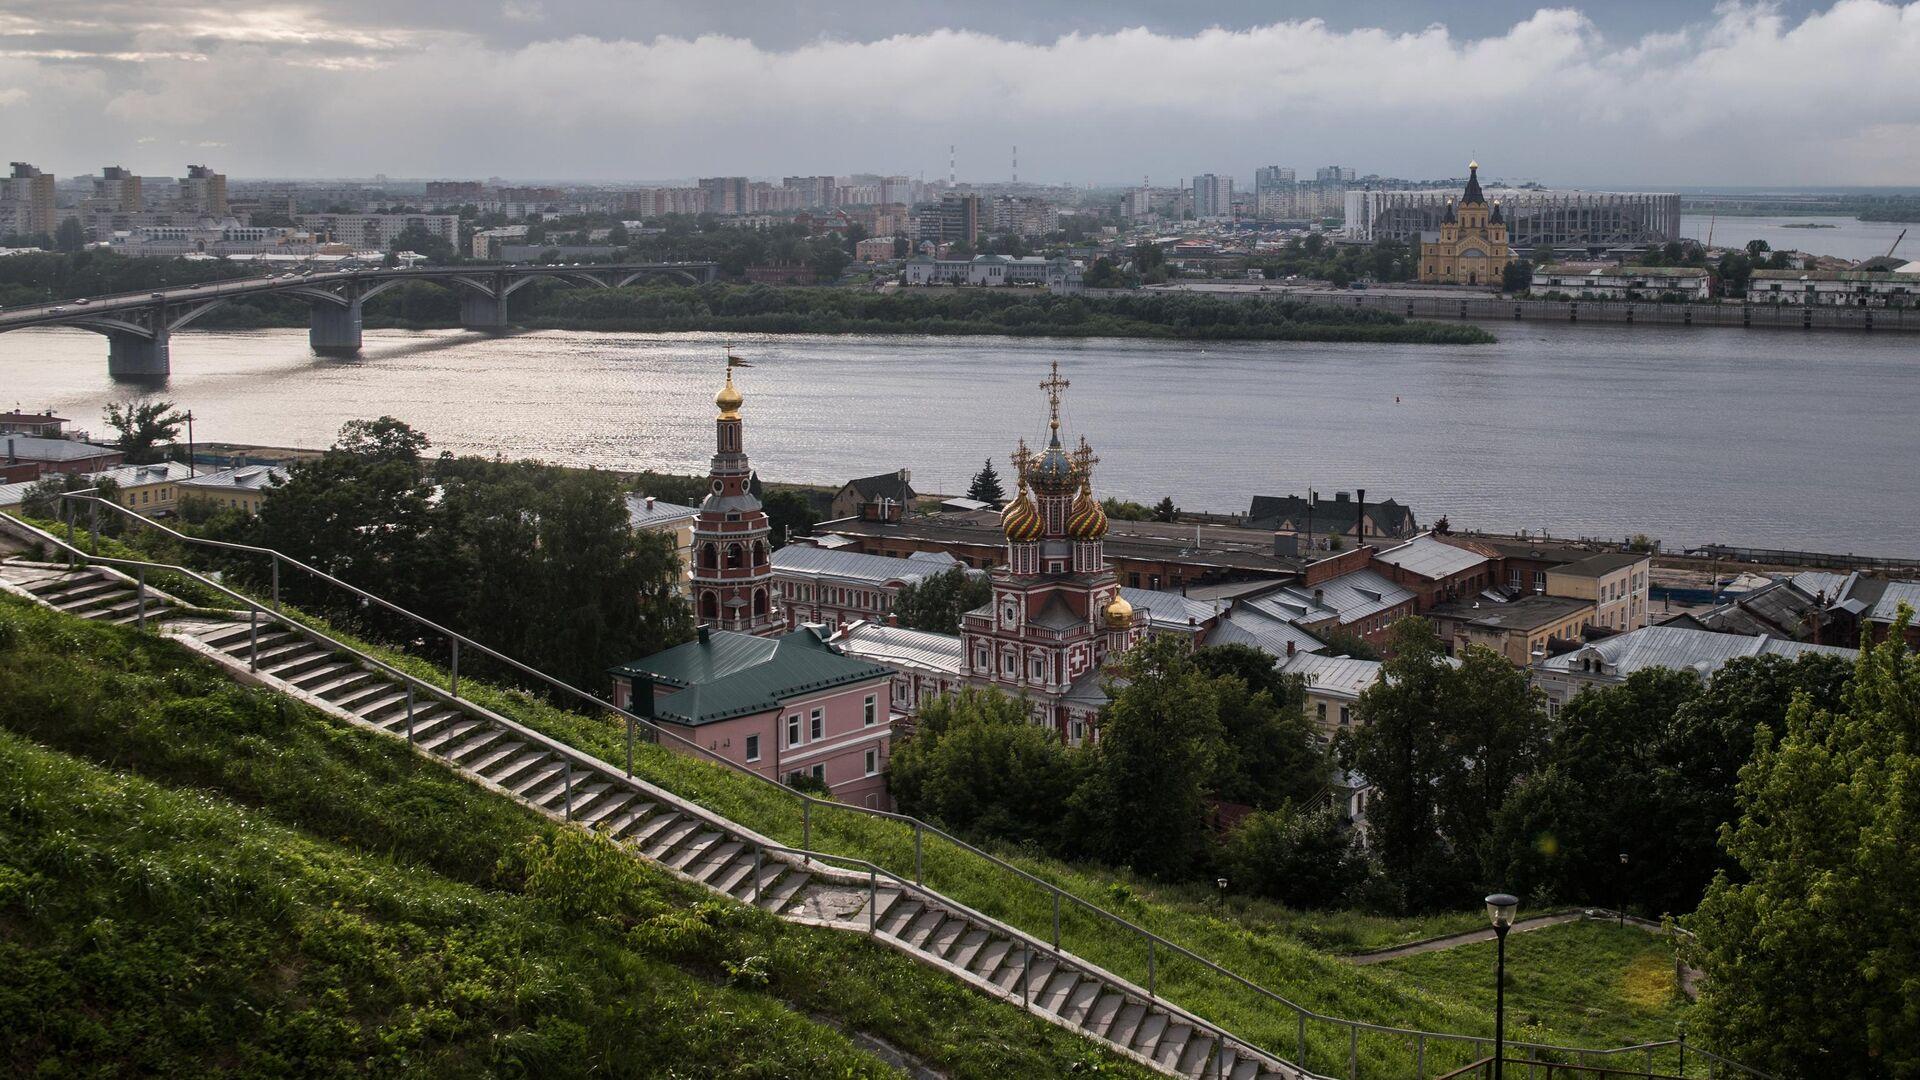 Церковь собора Пресвятой Богородицы в Нижнем Новгороде - РИА Новости, 1920, 20.07.2021